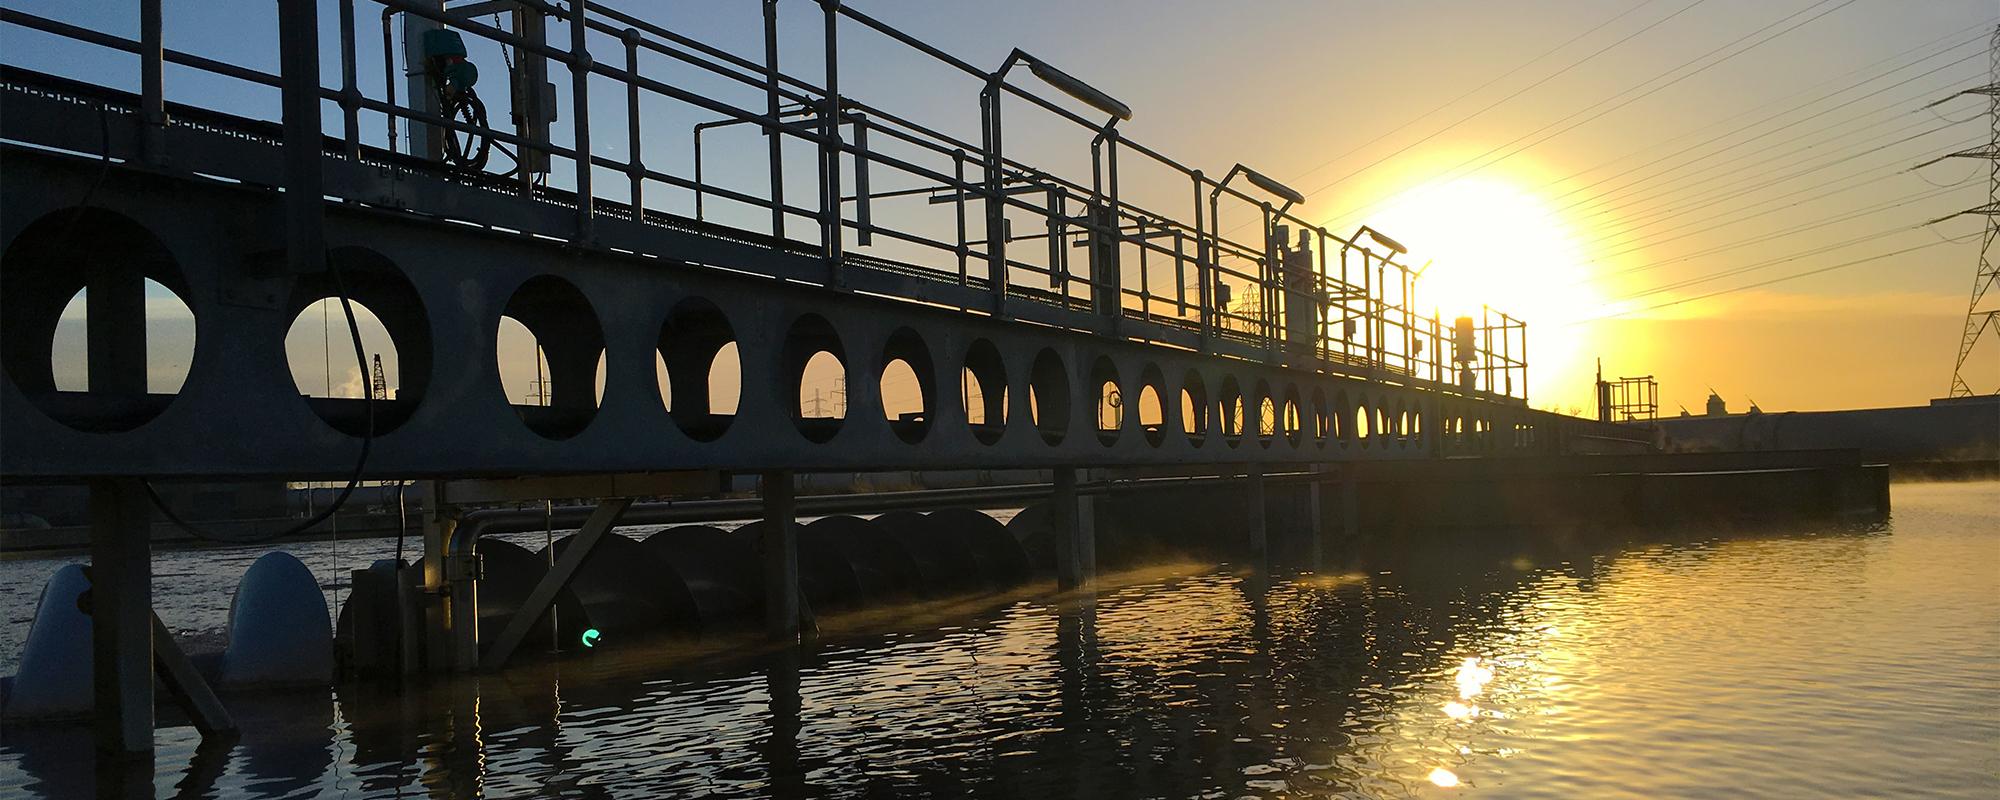 slider-scum-skimmer-ssr-brigde-rear-sun-rise-water